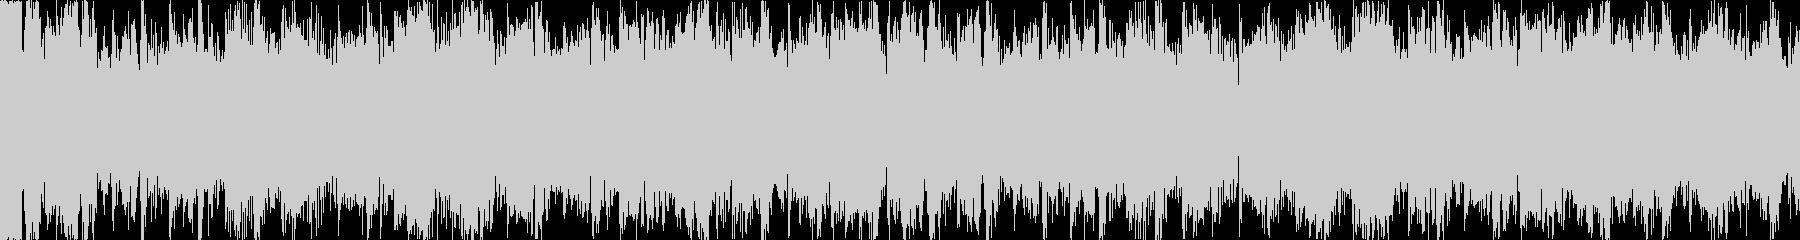 【ループC】パワフルで高揚感ピアノEDMの未再生の波形